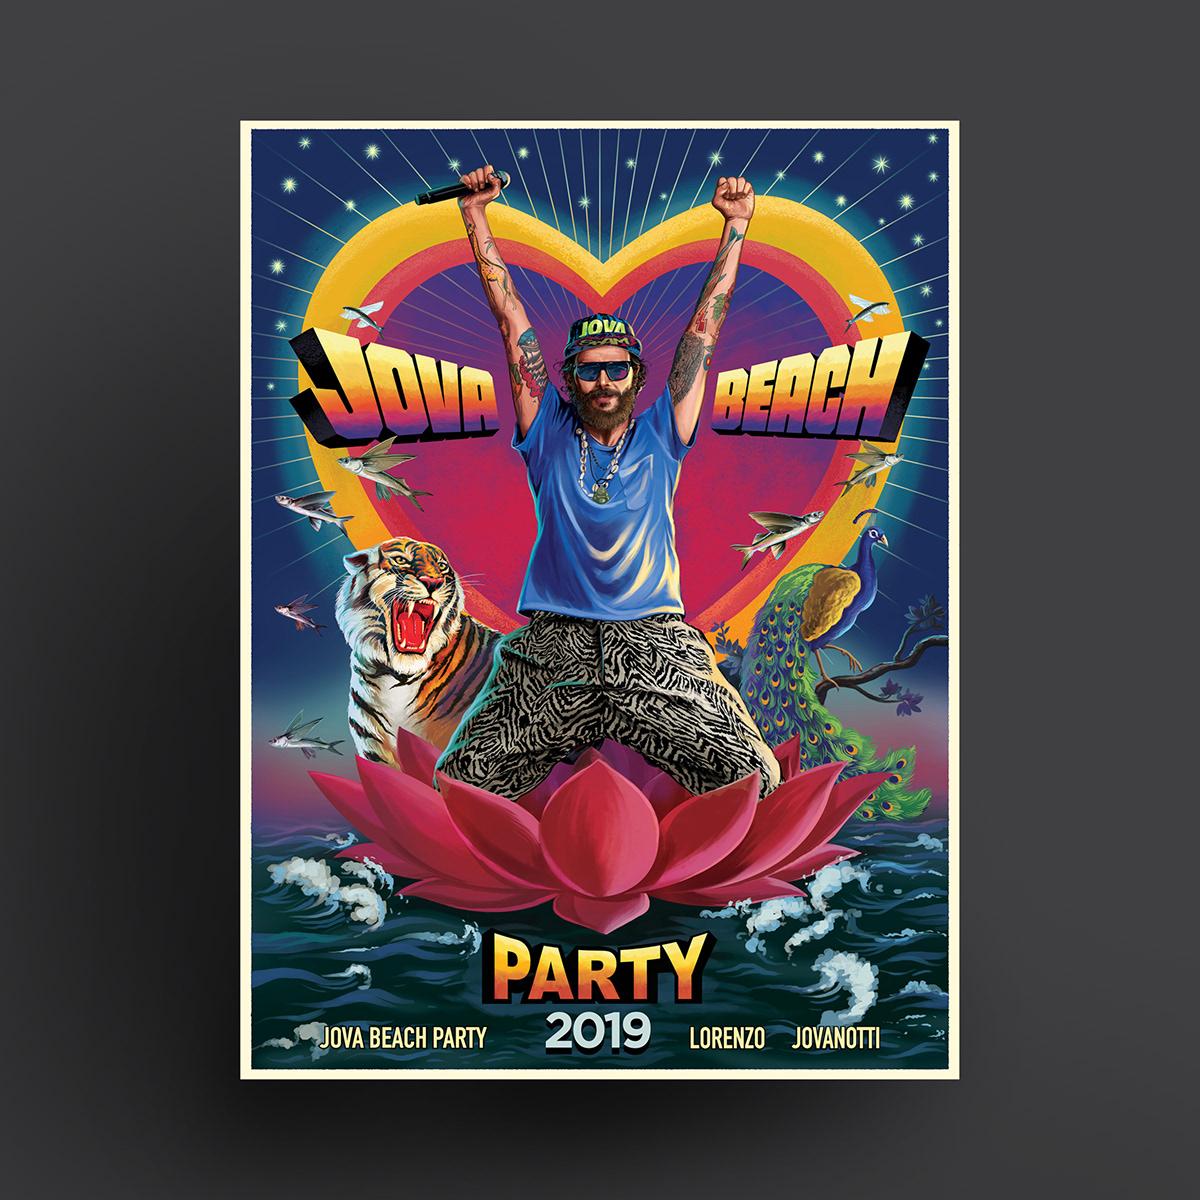 artwork Digital Artwork ILLUSTRATION  Indian Design Music Concert Poster portrait poster Poster Design poster illustration